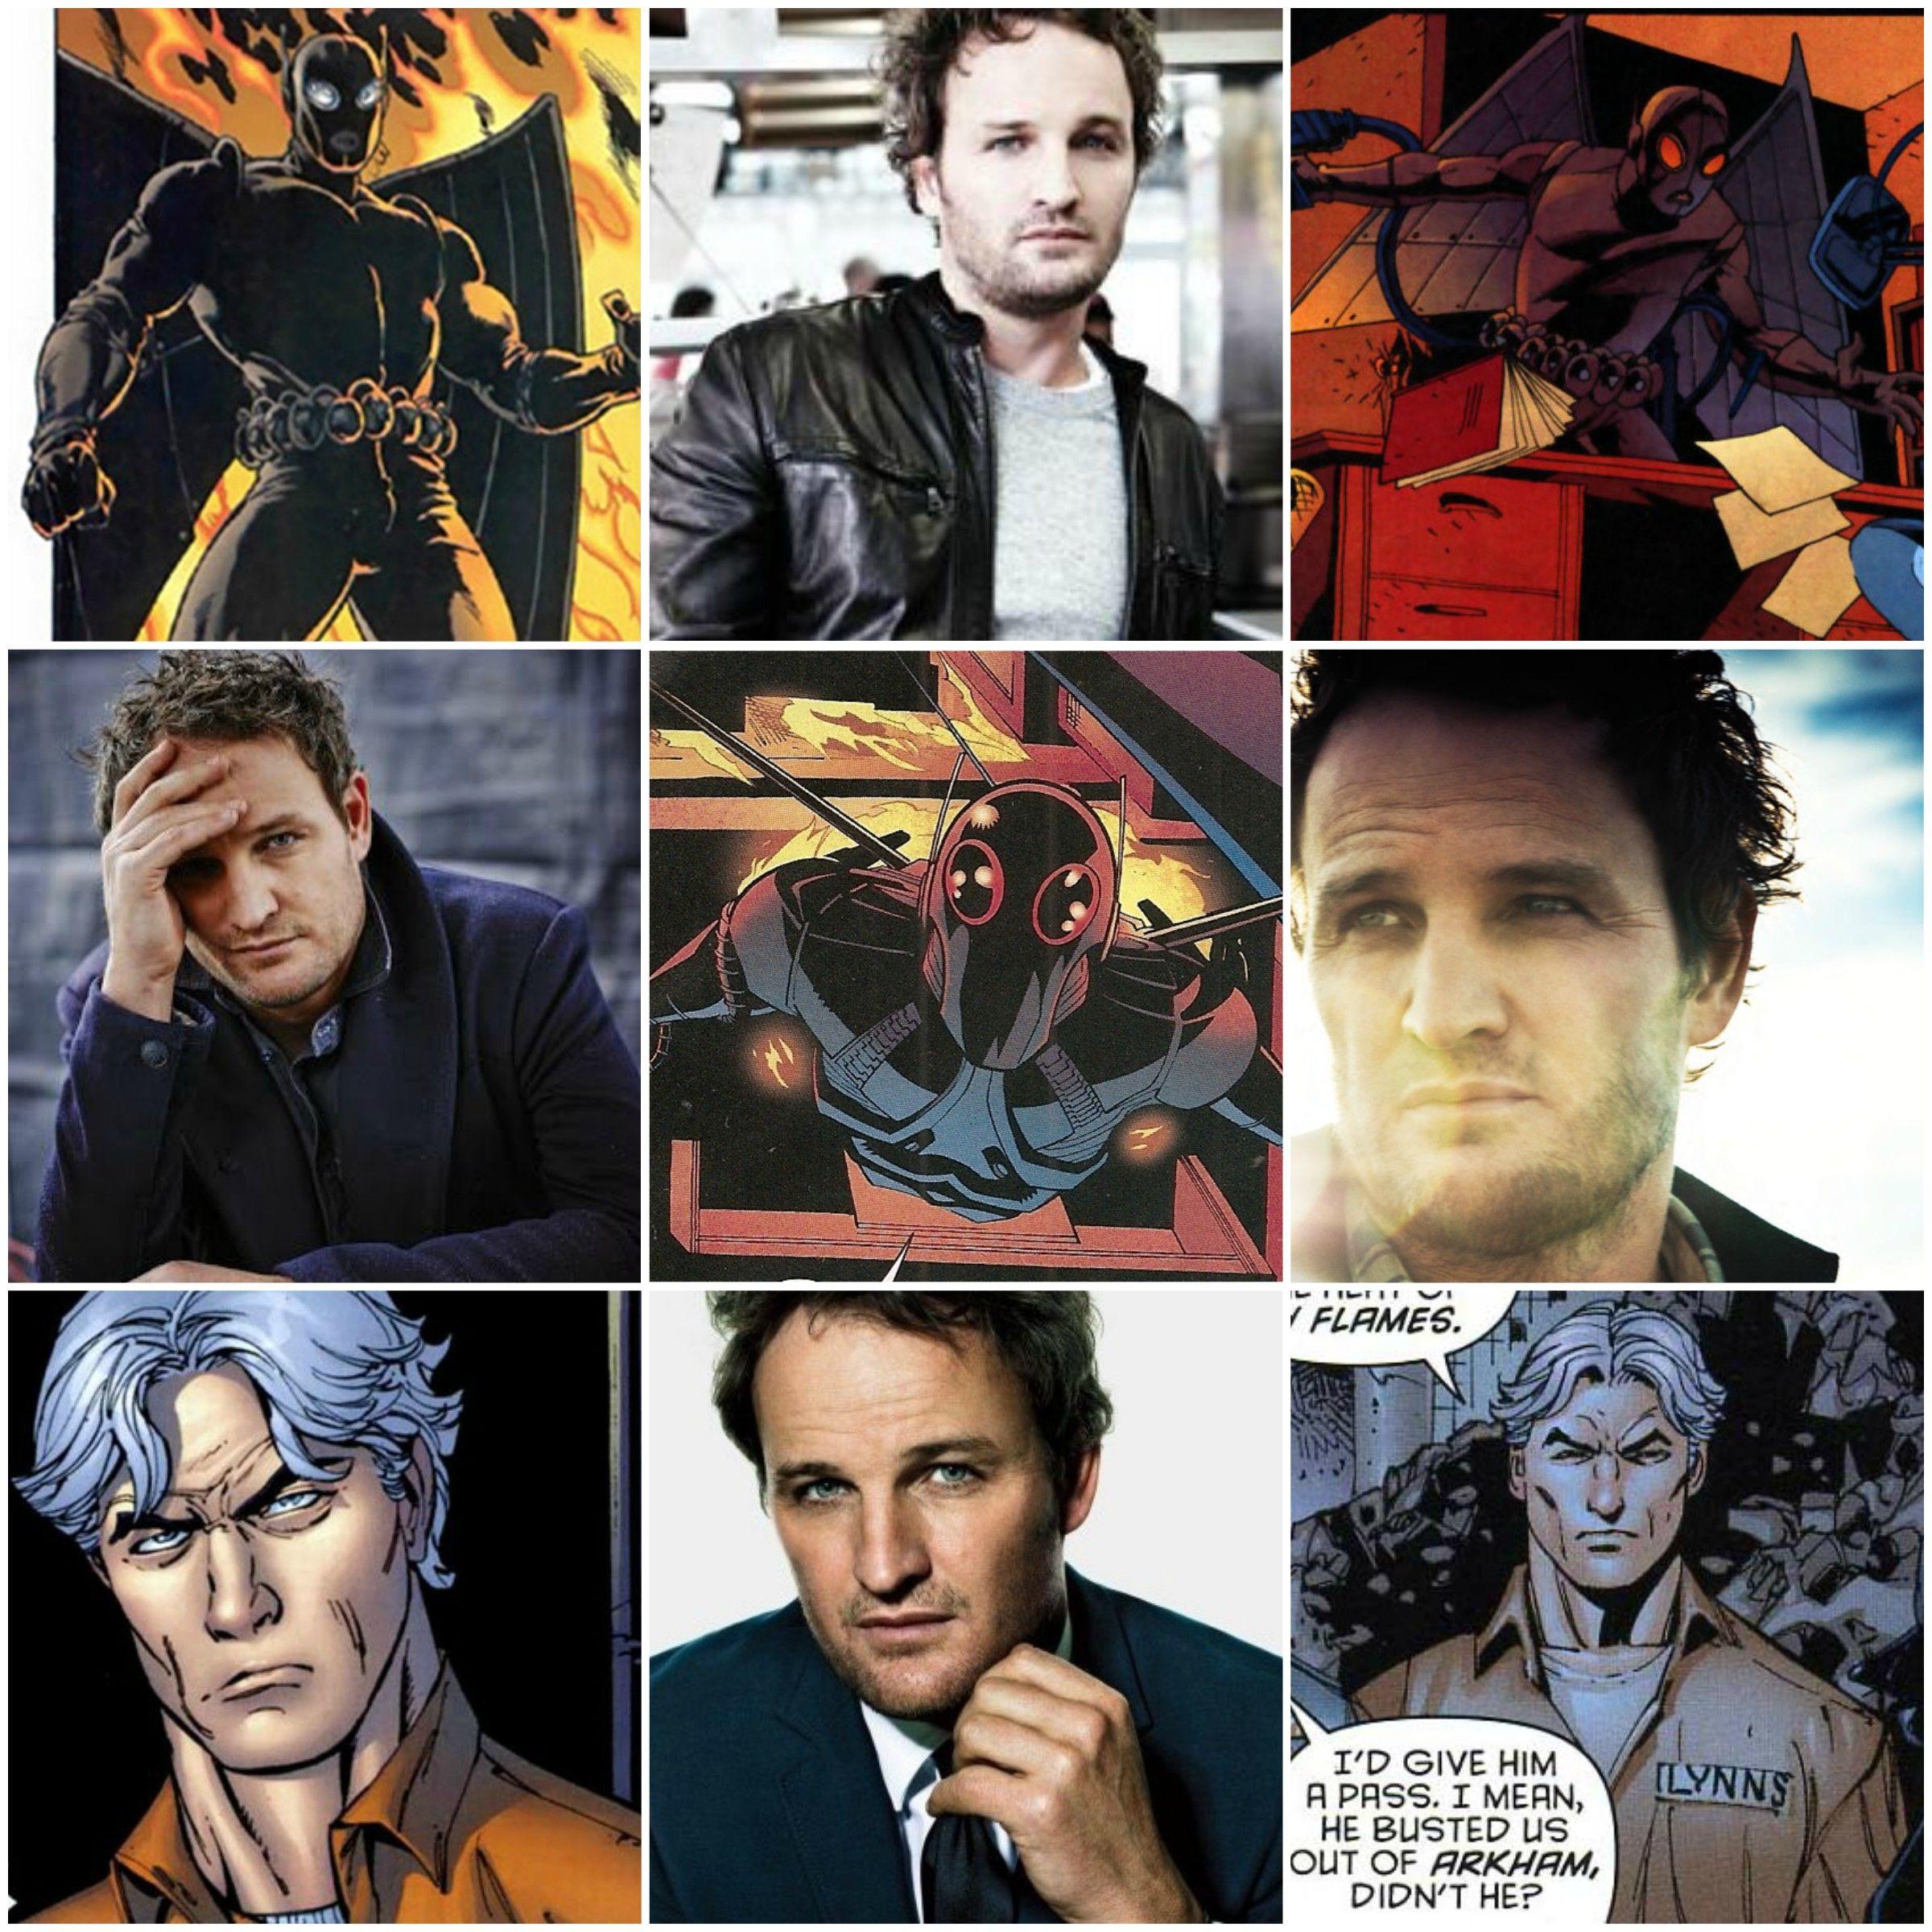 Jason Clarke as Firefly / Garfield Lynns | Batman/DC/Gotham-anything